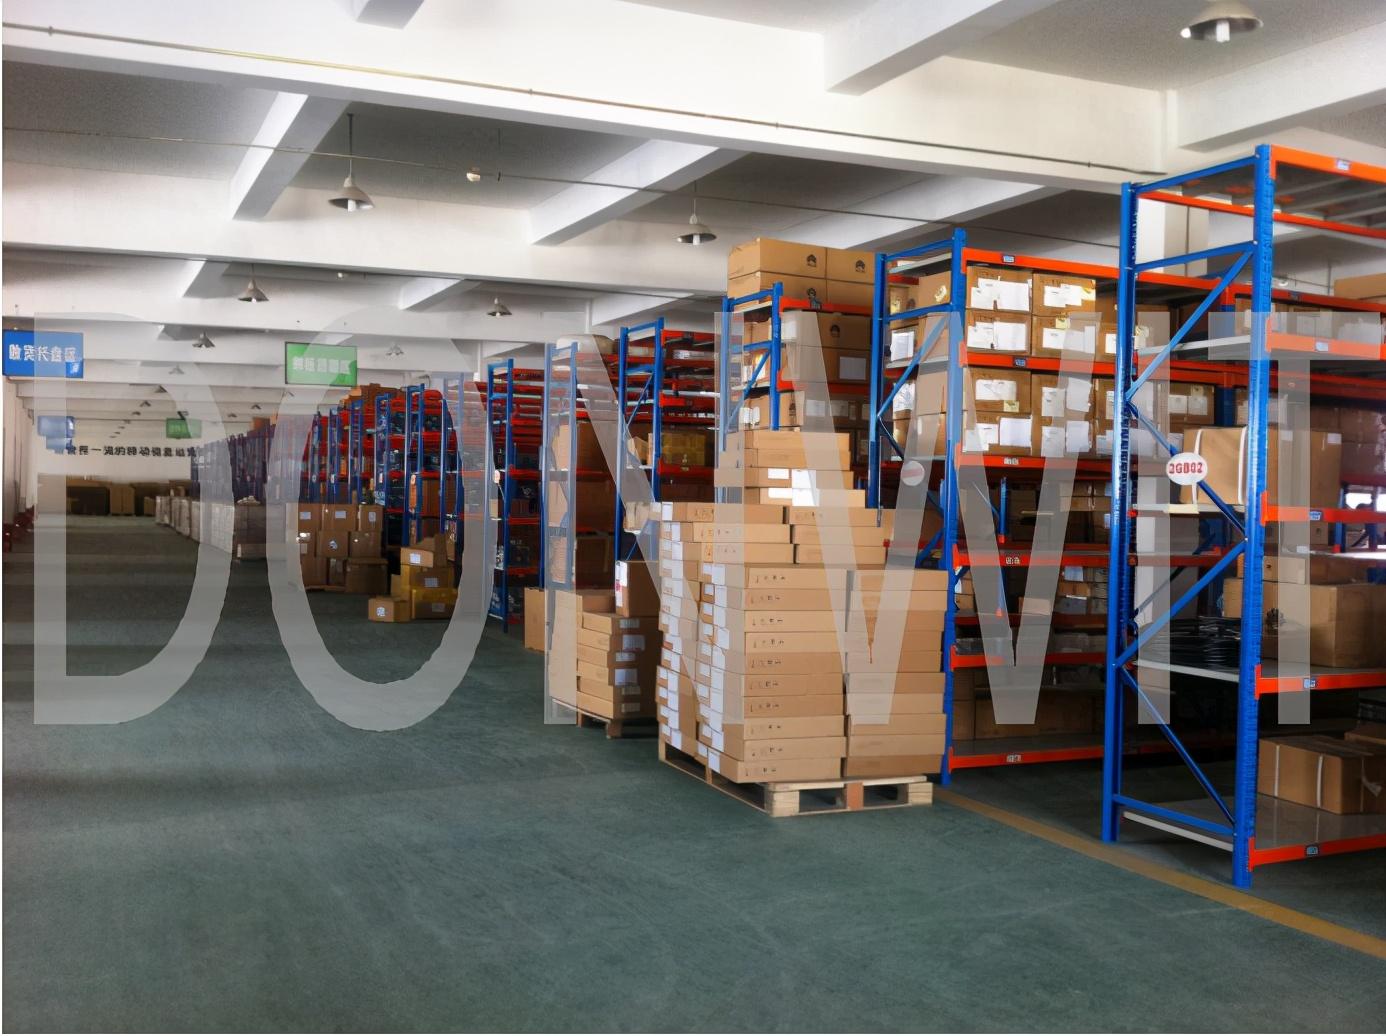 化工行业RFID仓库管理系统-RFID智慧仓库管理系统-杭州东识科技